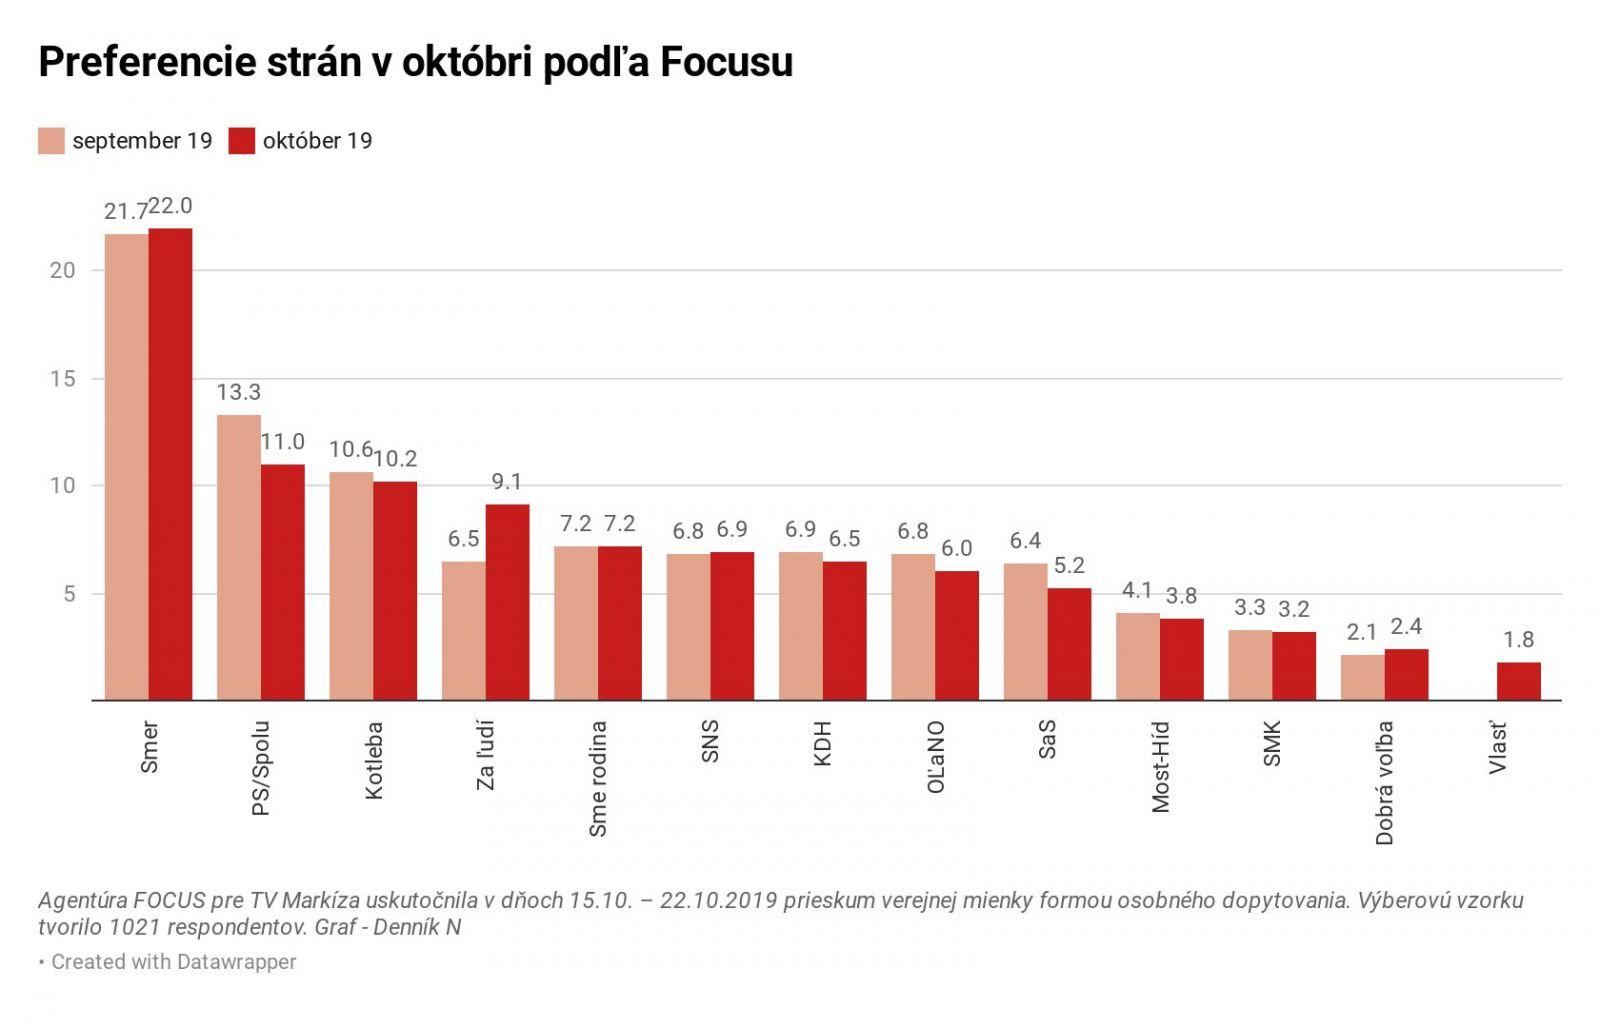 Kým koalícia PS/Spolu hlasy stráca, strana Andreja Kisku Za Ľudí ide hore. Ako by dopadli parlamentné voľby dnes?